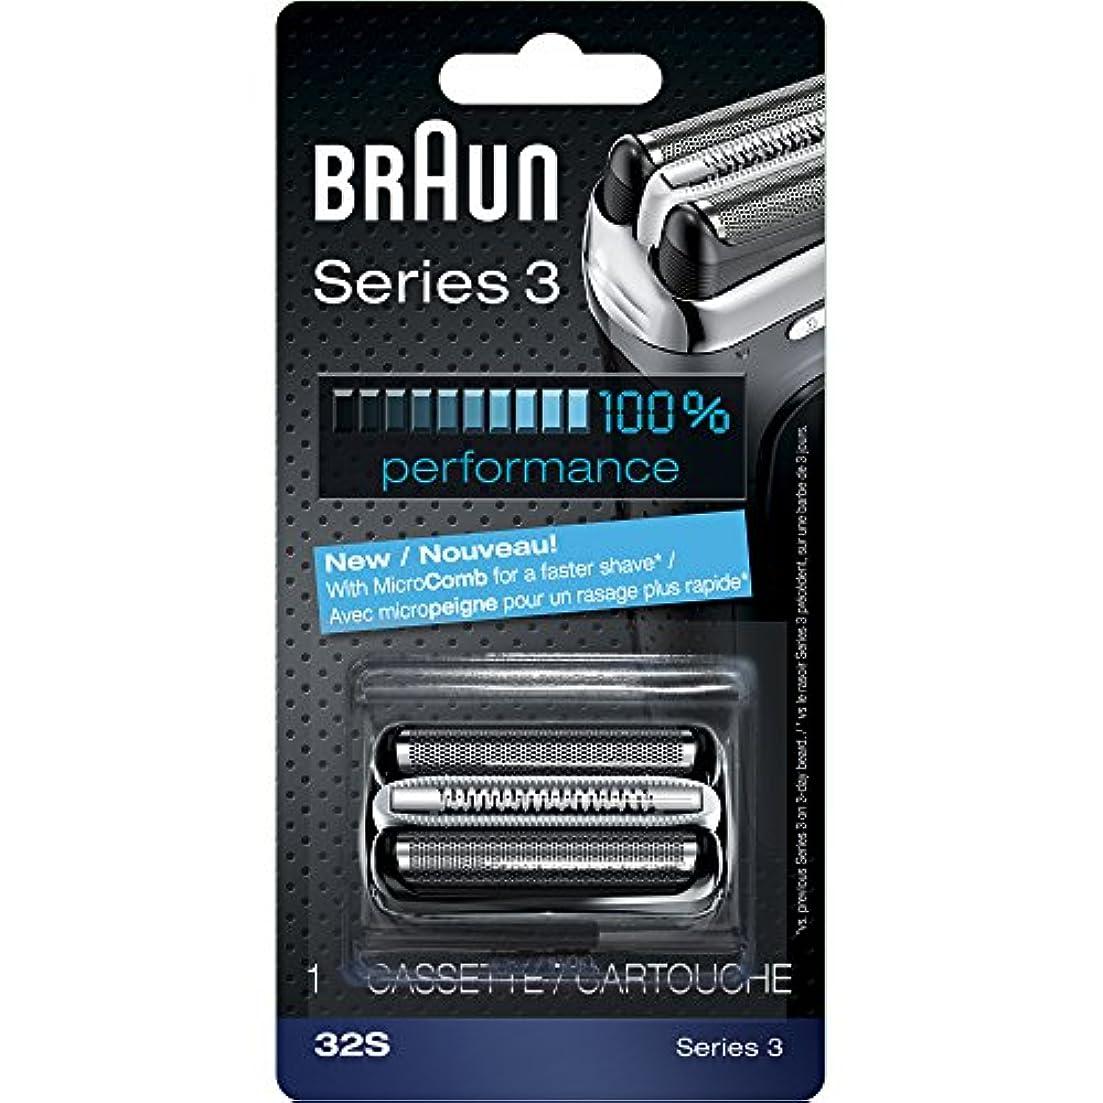 ブラウン シェーバー シリーズ3用 網刃?内刃一体型カセット F/C32S と同一品 並行輸入品